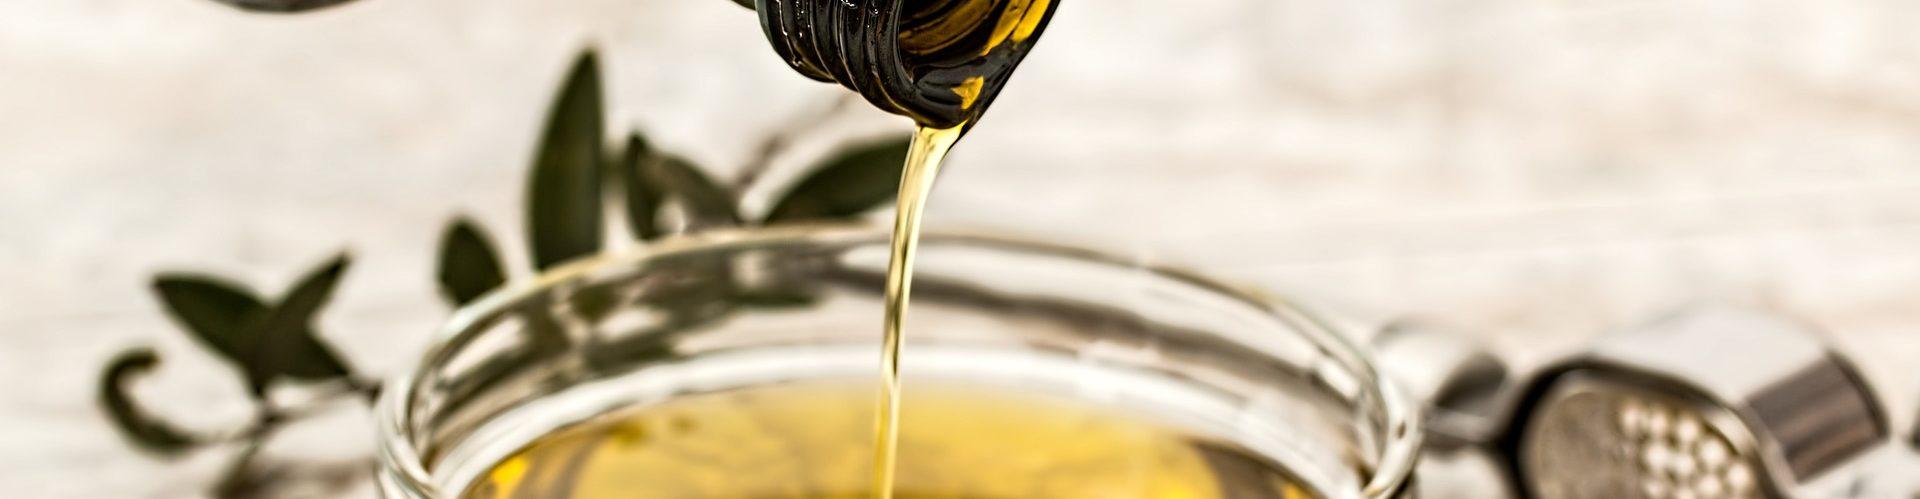 Olio extravergine di oliva, infiammazione e tumorigenesi intestinale